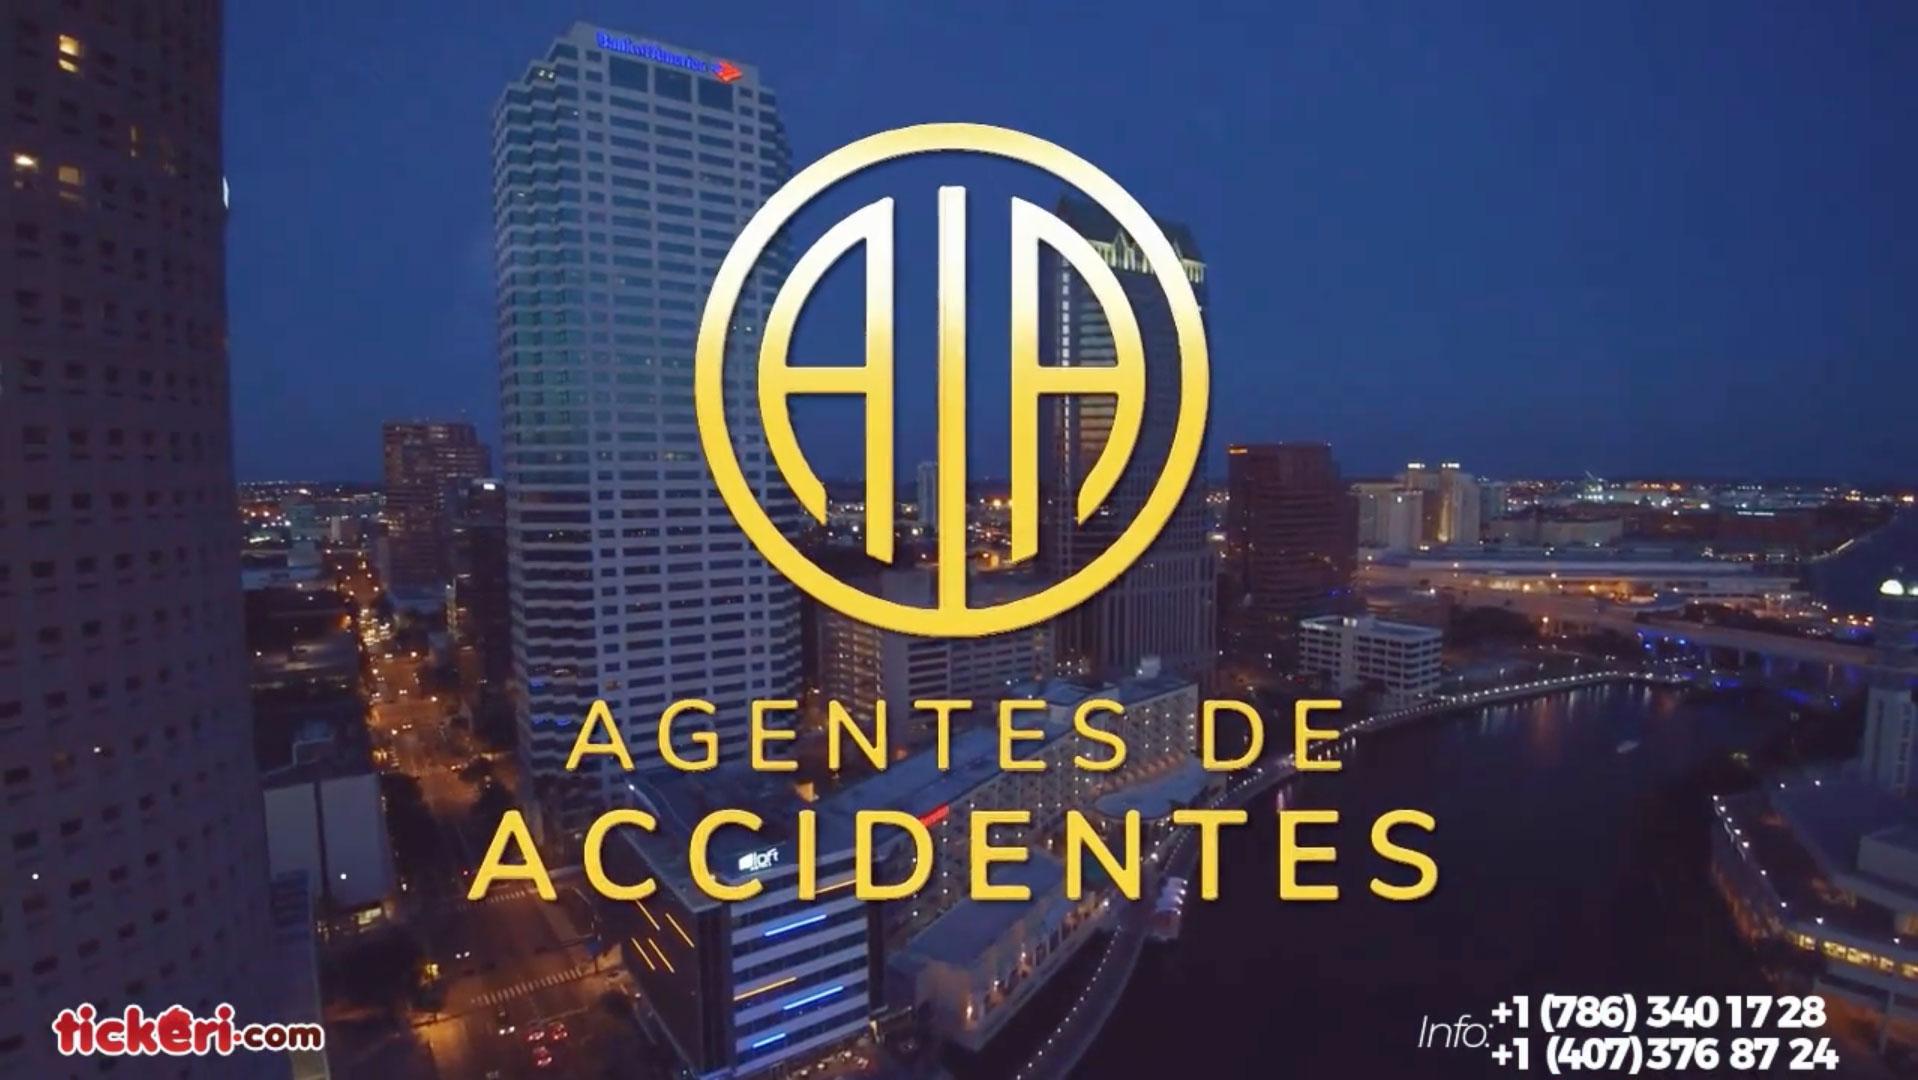 agentes de accidentes sponsors events